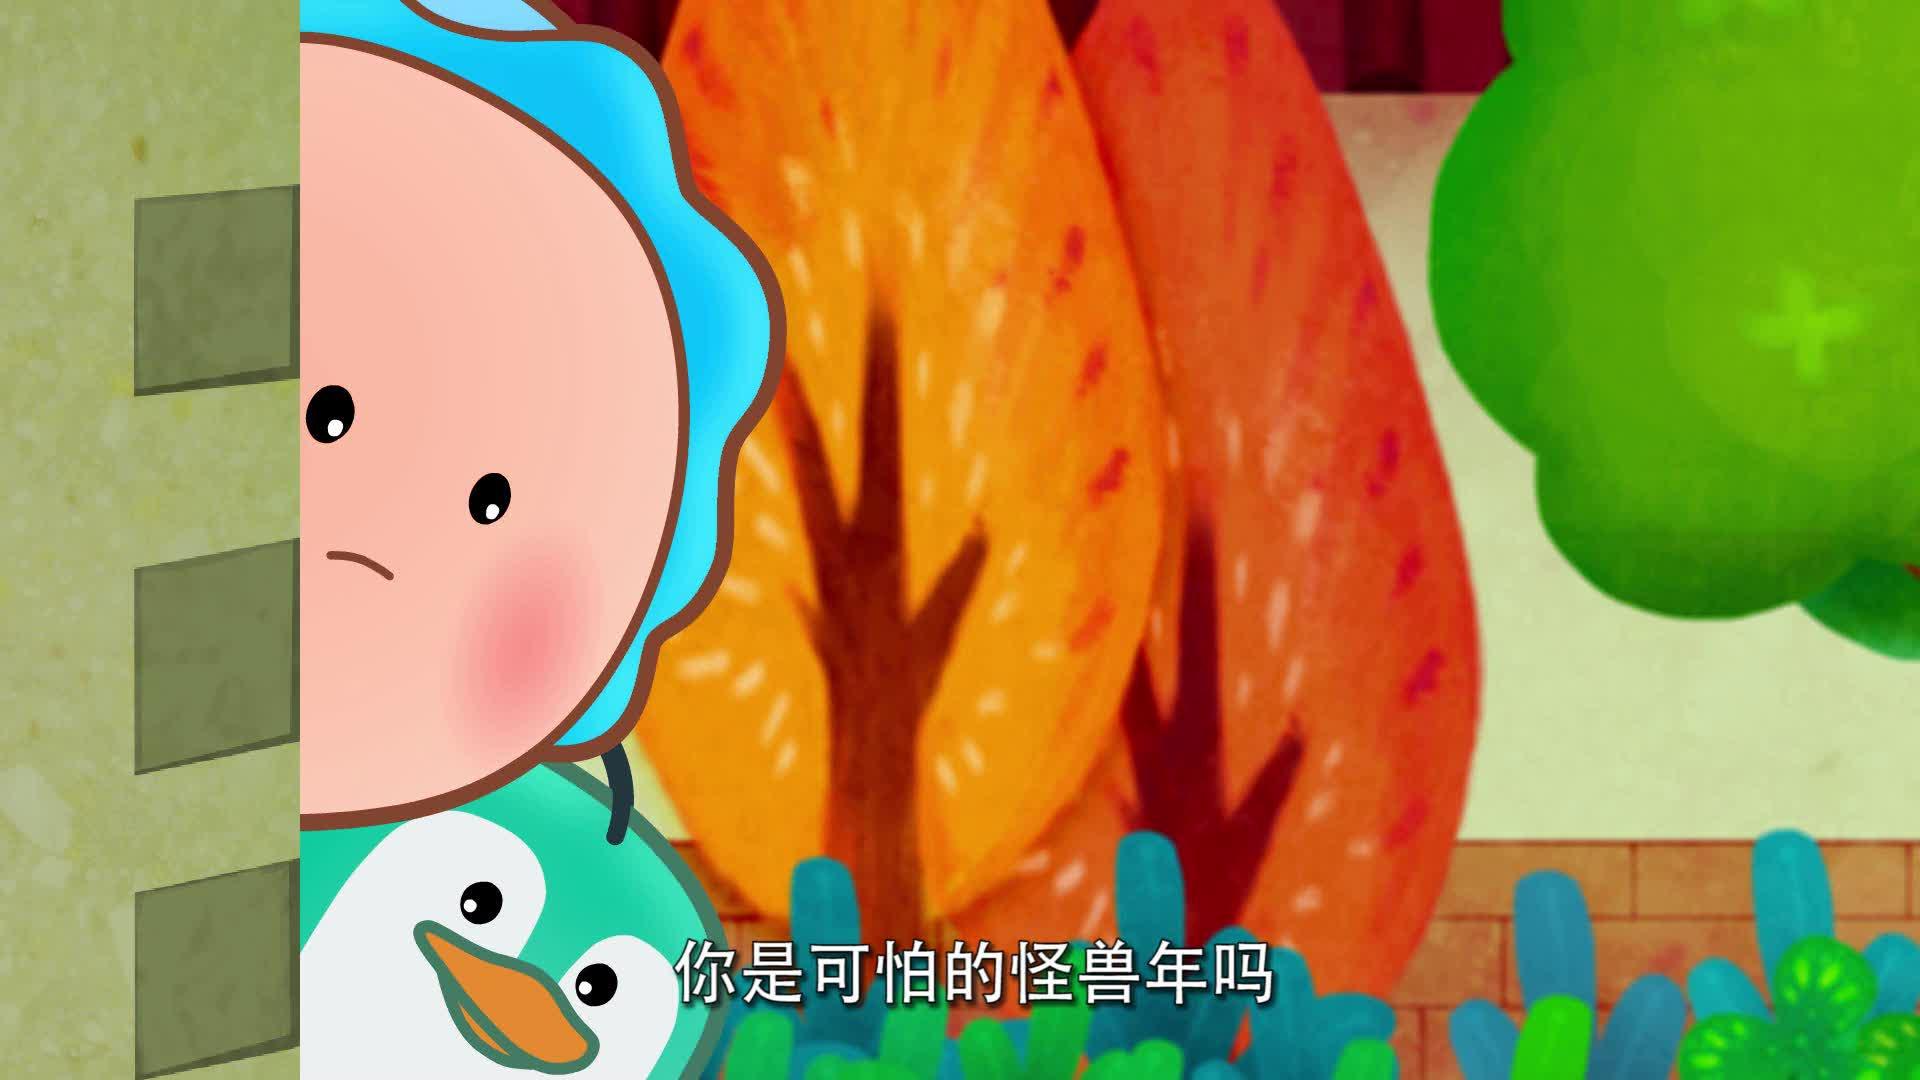 第24集《喜拜新年 笑迎新春》